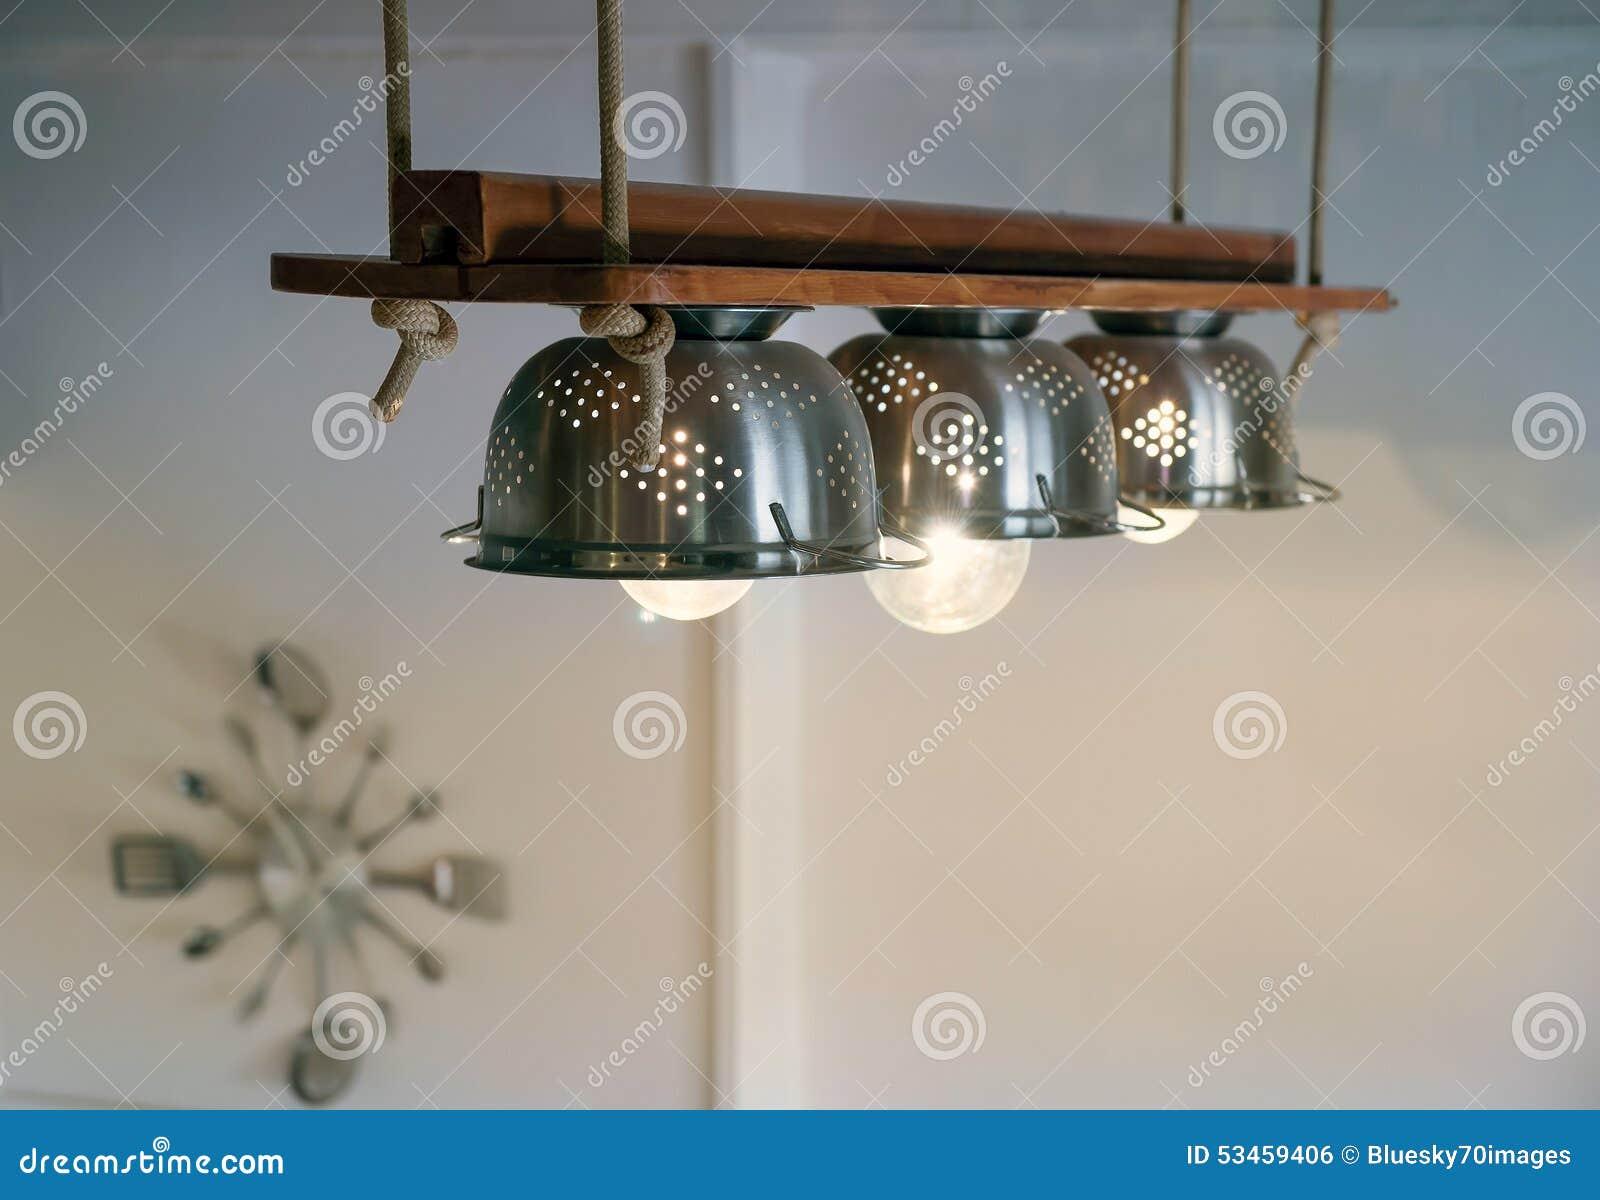 Gehangen Diy Lampen Stock Foto Afbeelding Bestaande Uit Plafond